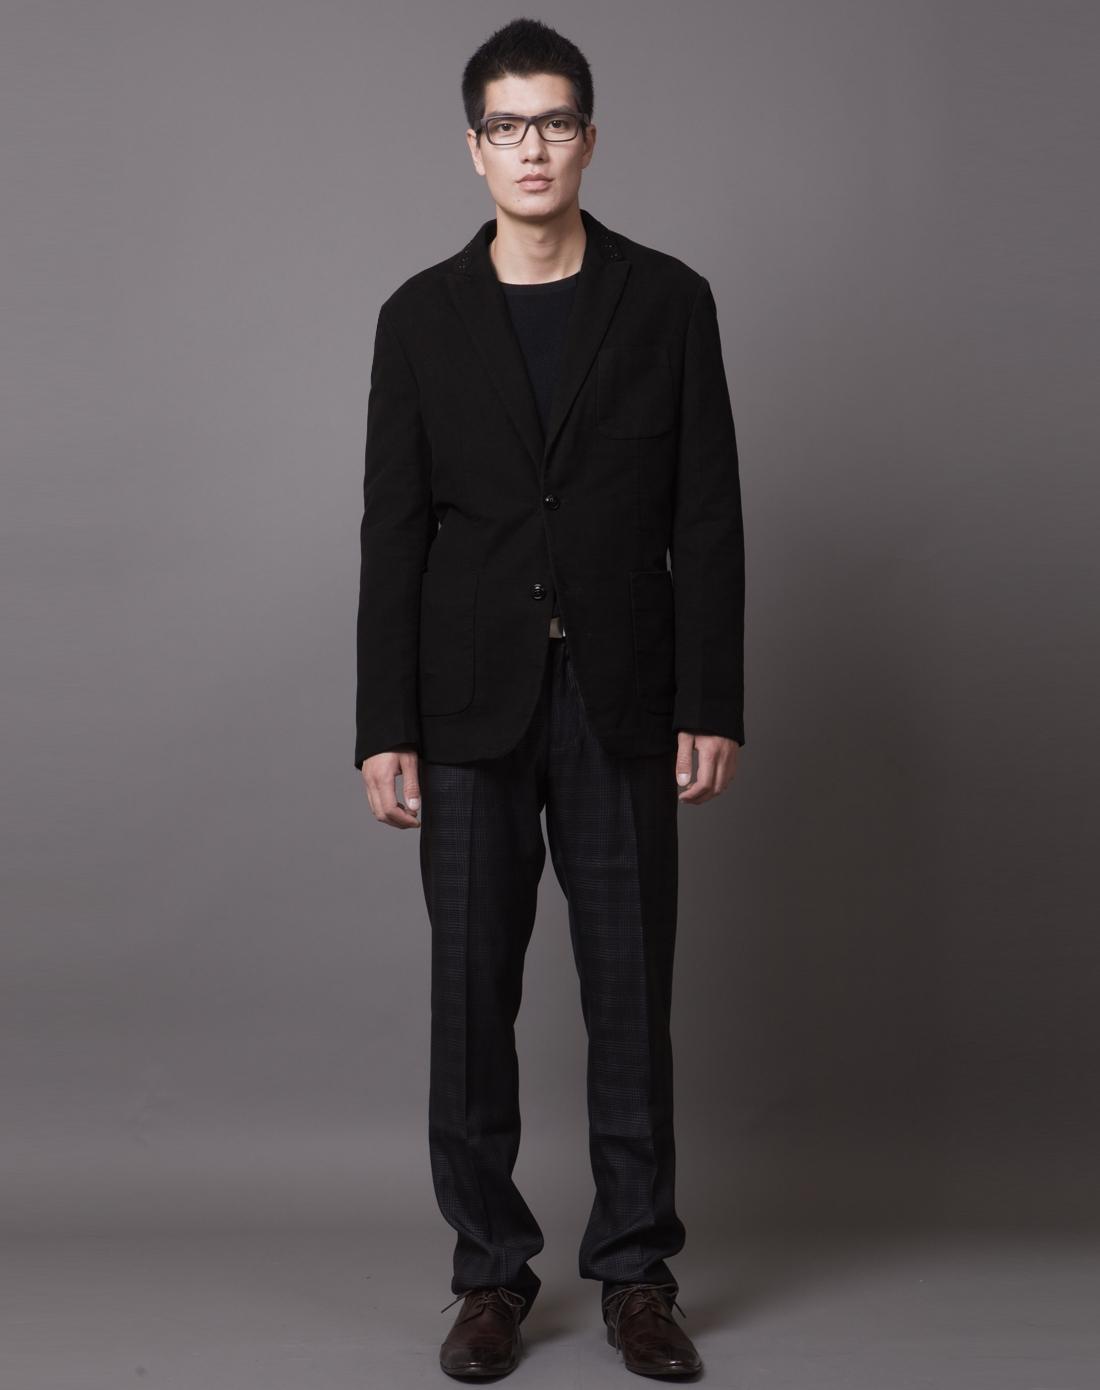 黑色休闲西服的搭配图片